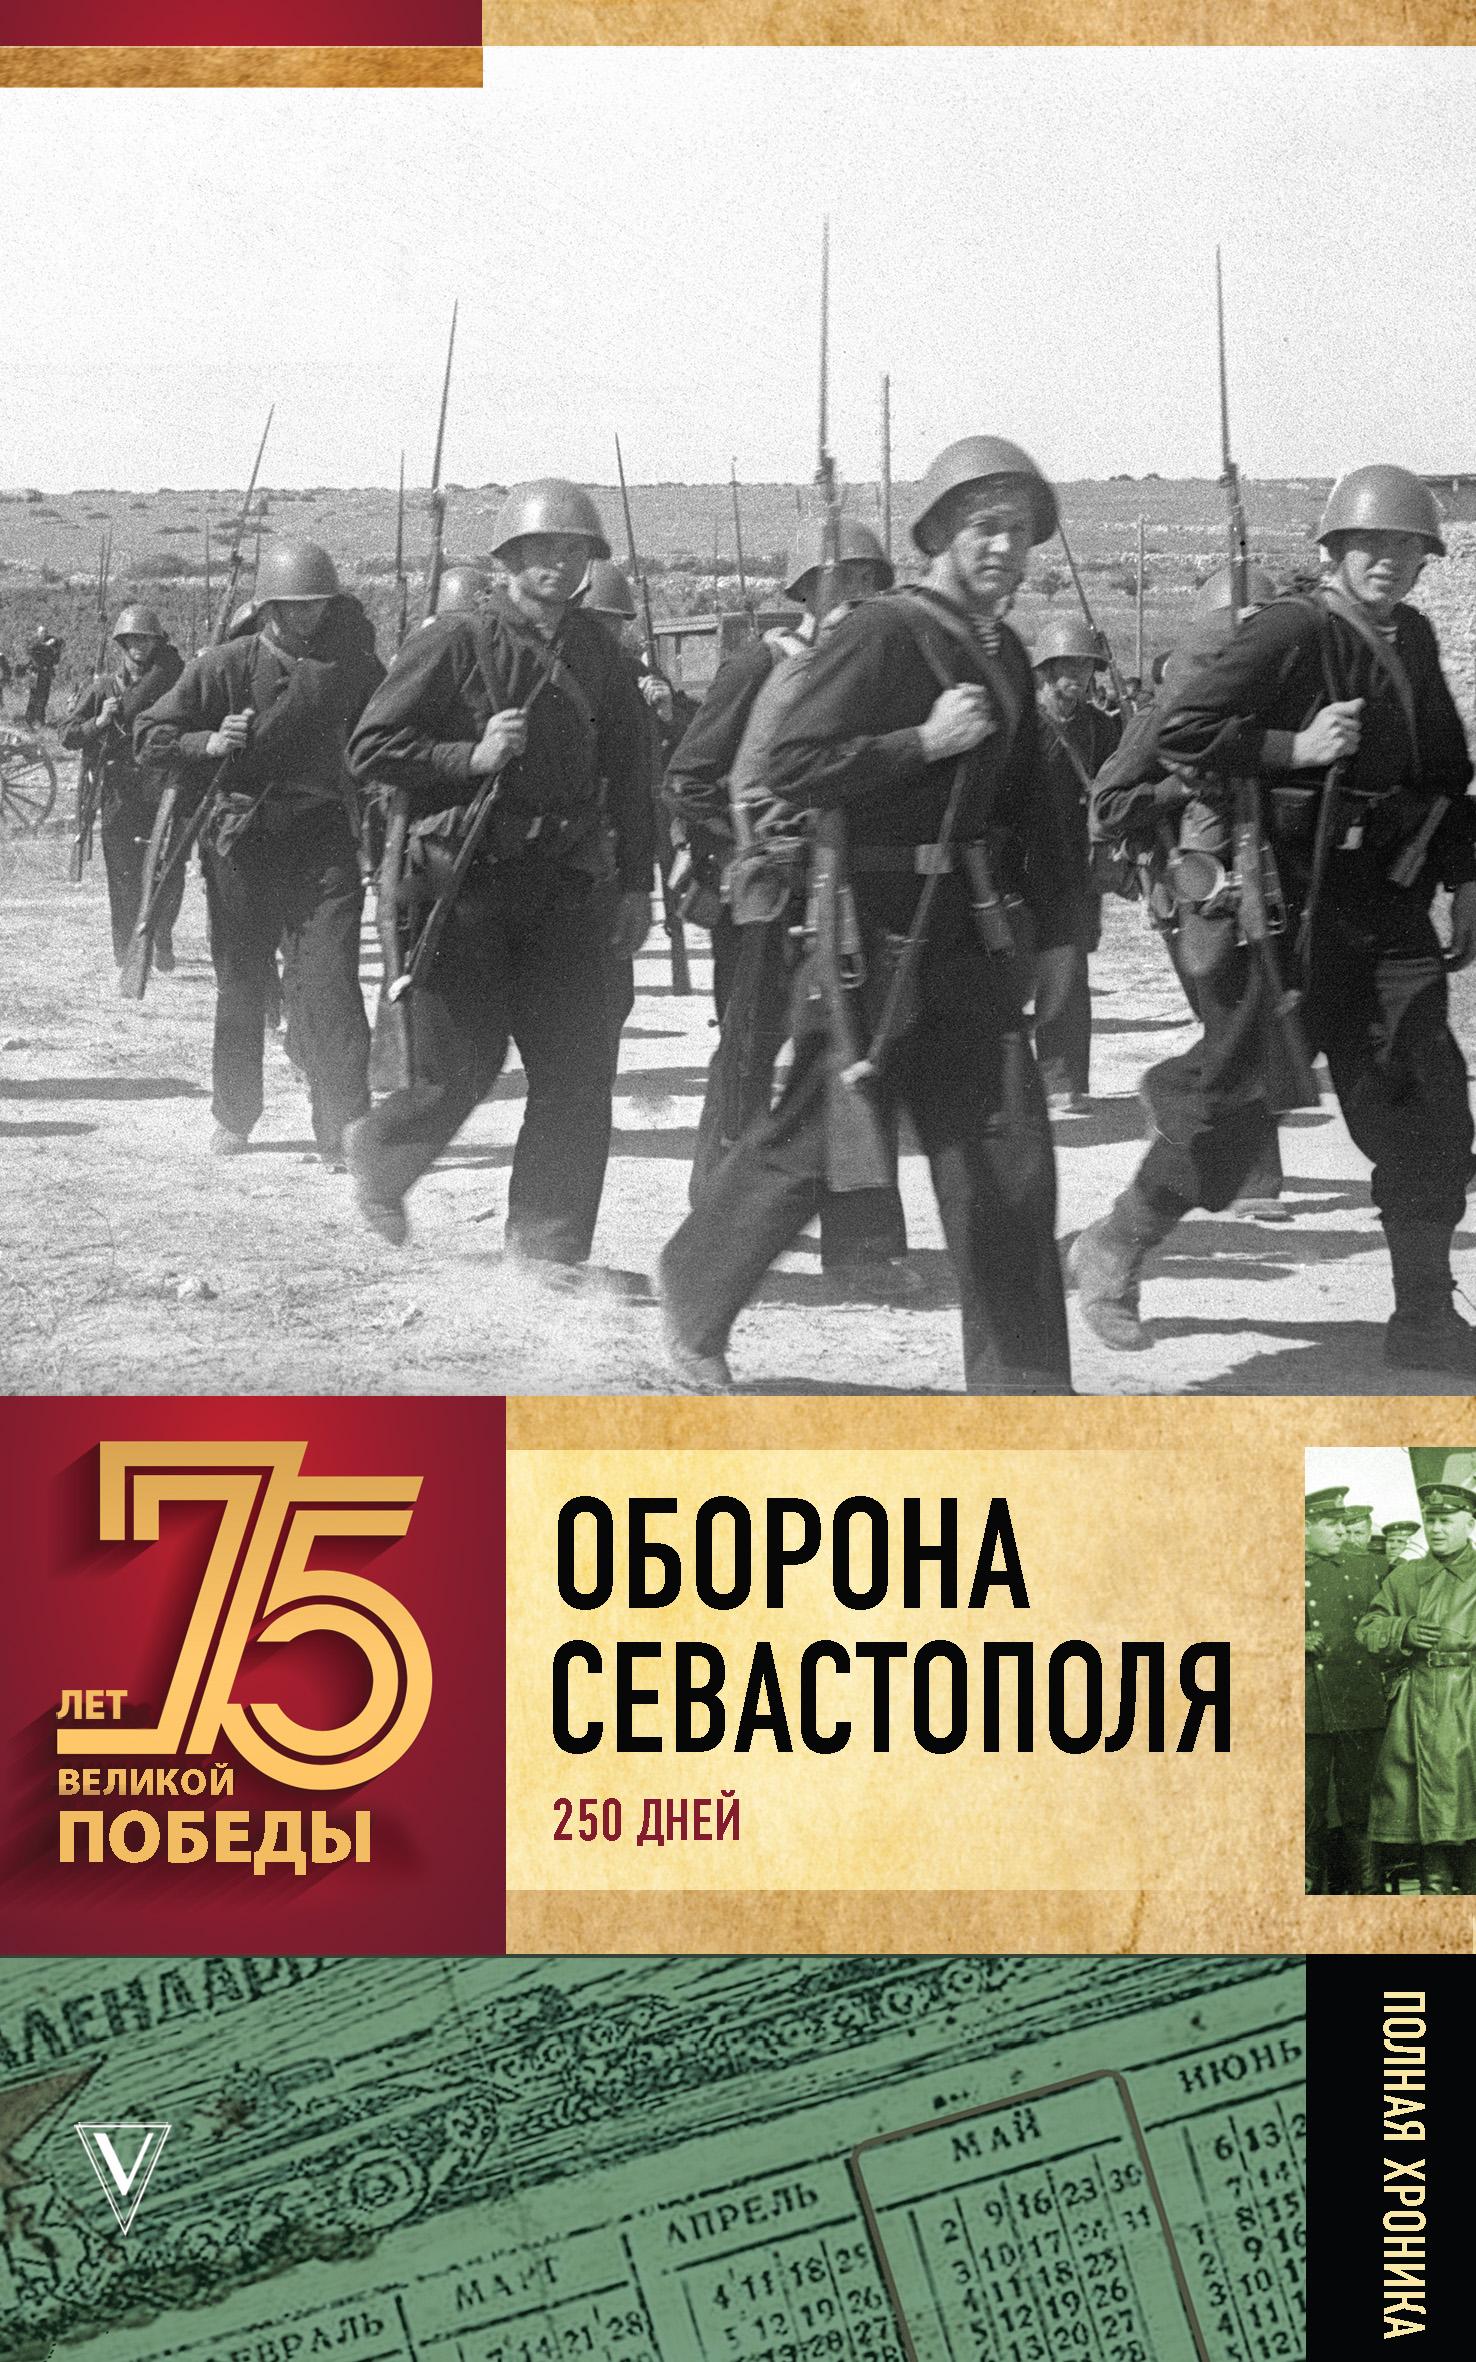 Оборона Севаcтополя. Полная хроника. 250 дней и ночей